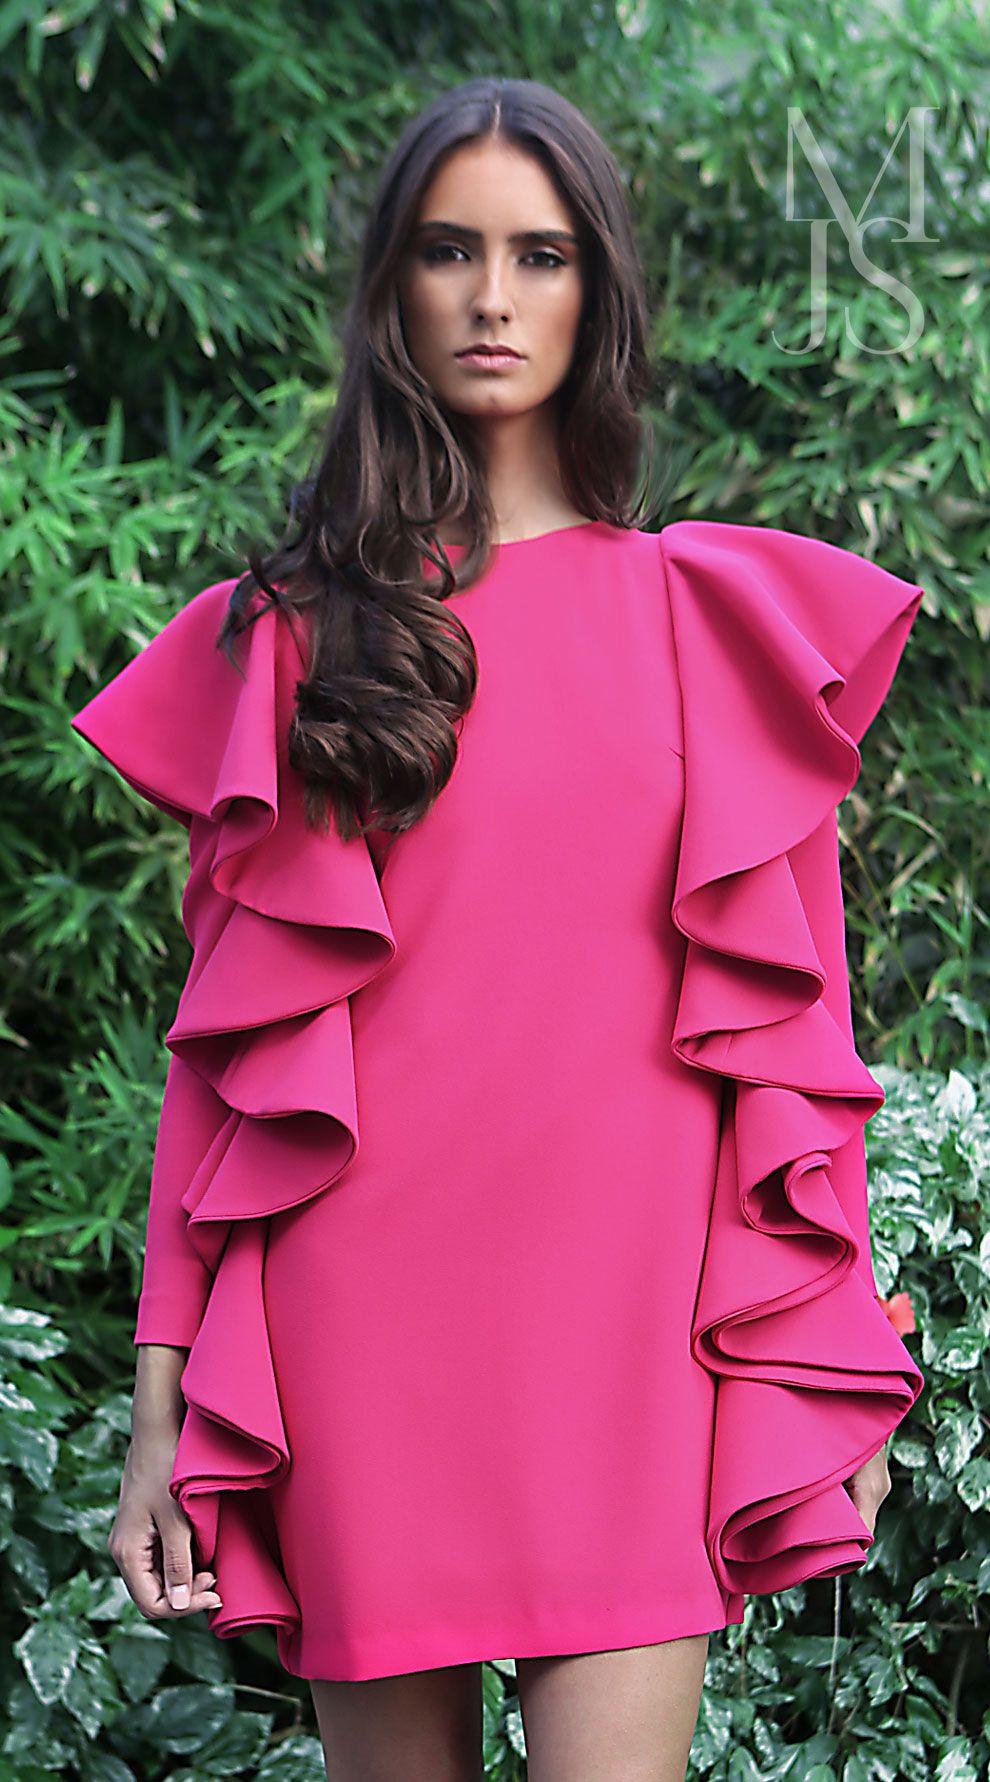 Vestido Lola - María José Suárez | Vară | Pinterest | Vestiditos ...